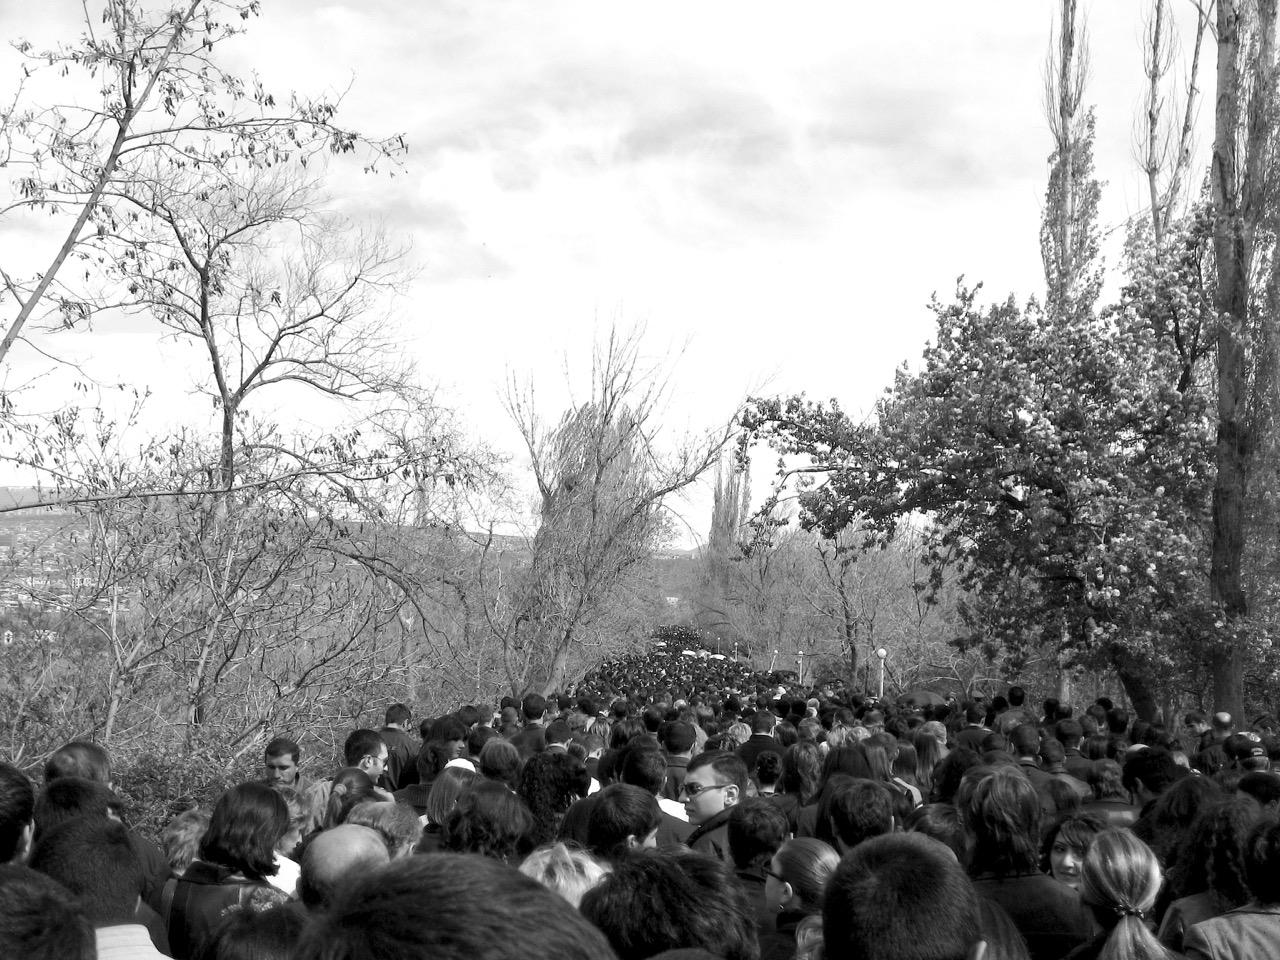 Foto: Pilgern. Aus: Eriwan. Kapitel 6 Aufzeichnungen aus Armenien von Marc Degens.